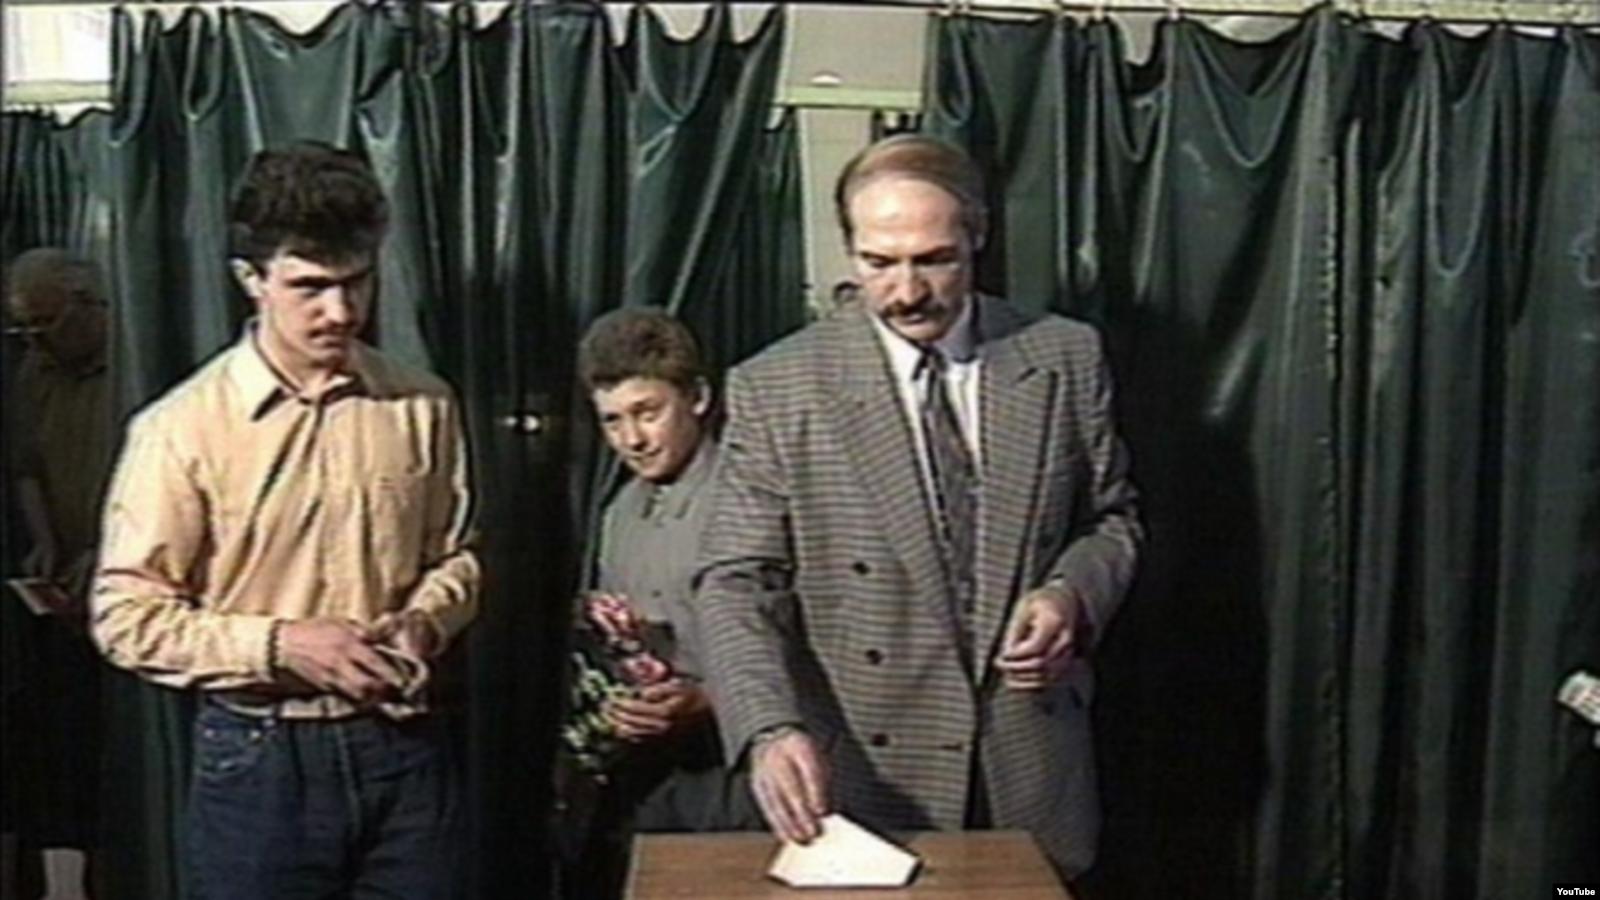 Александр Лукашенко с сыновьями голосует на выборах в 1994 году. Фото: Video grab